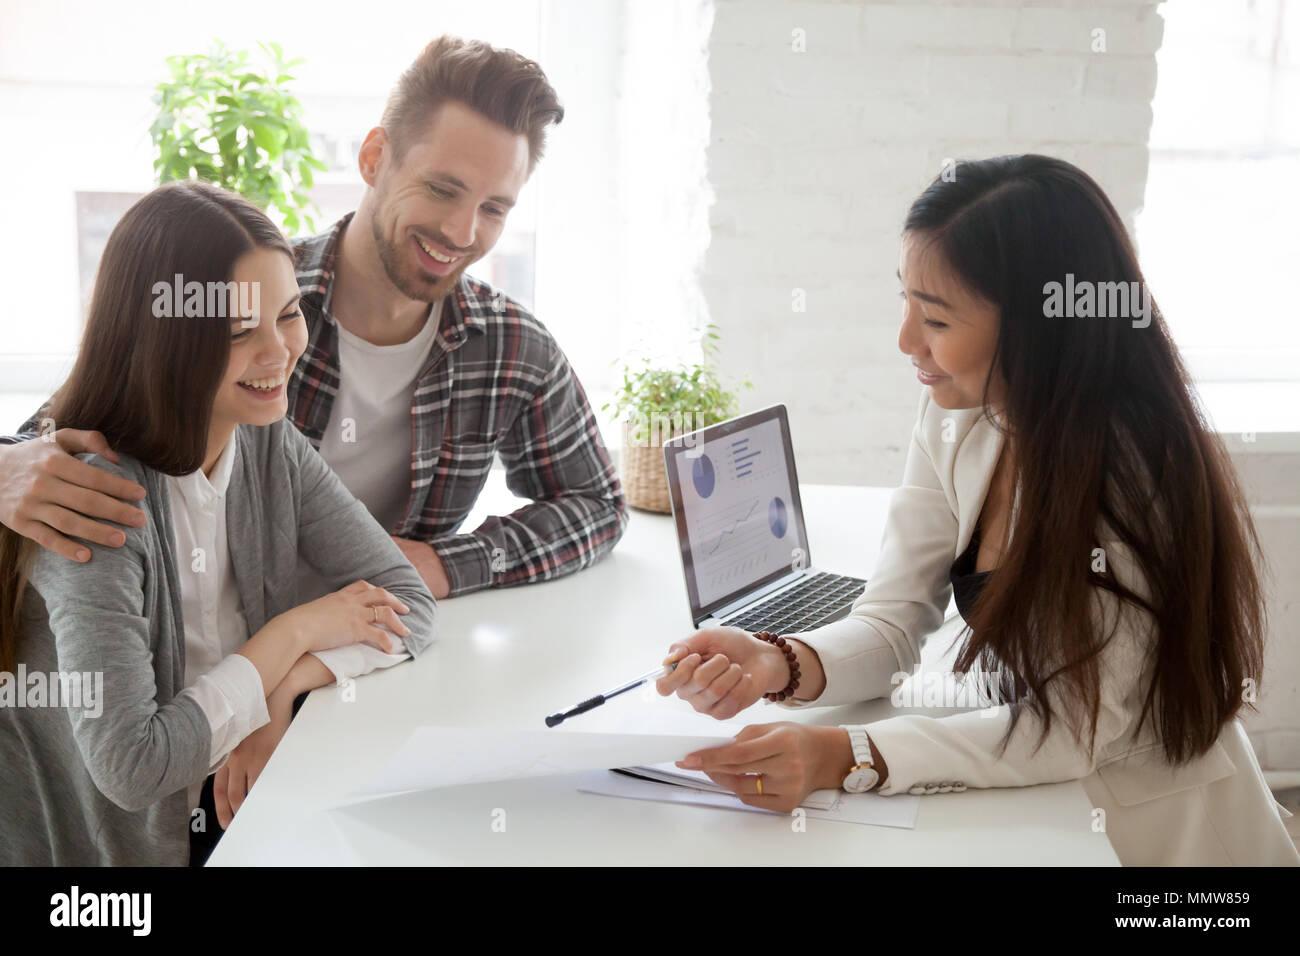 Agente immobiliare asiatica, broker assicurativo o consulente finanziario consulting Immagini Stock